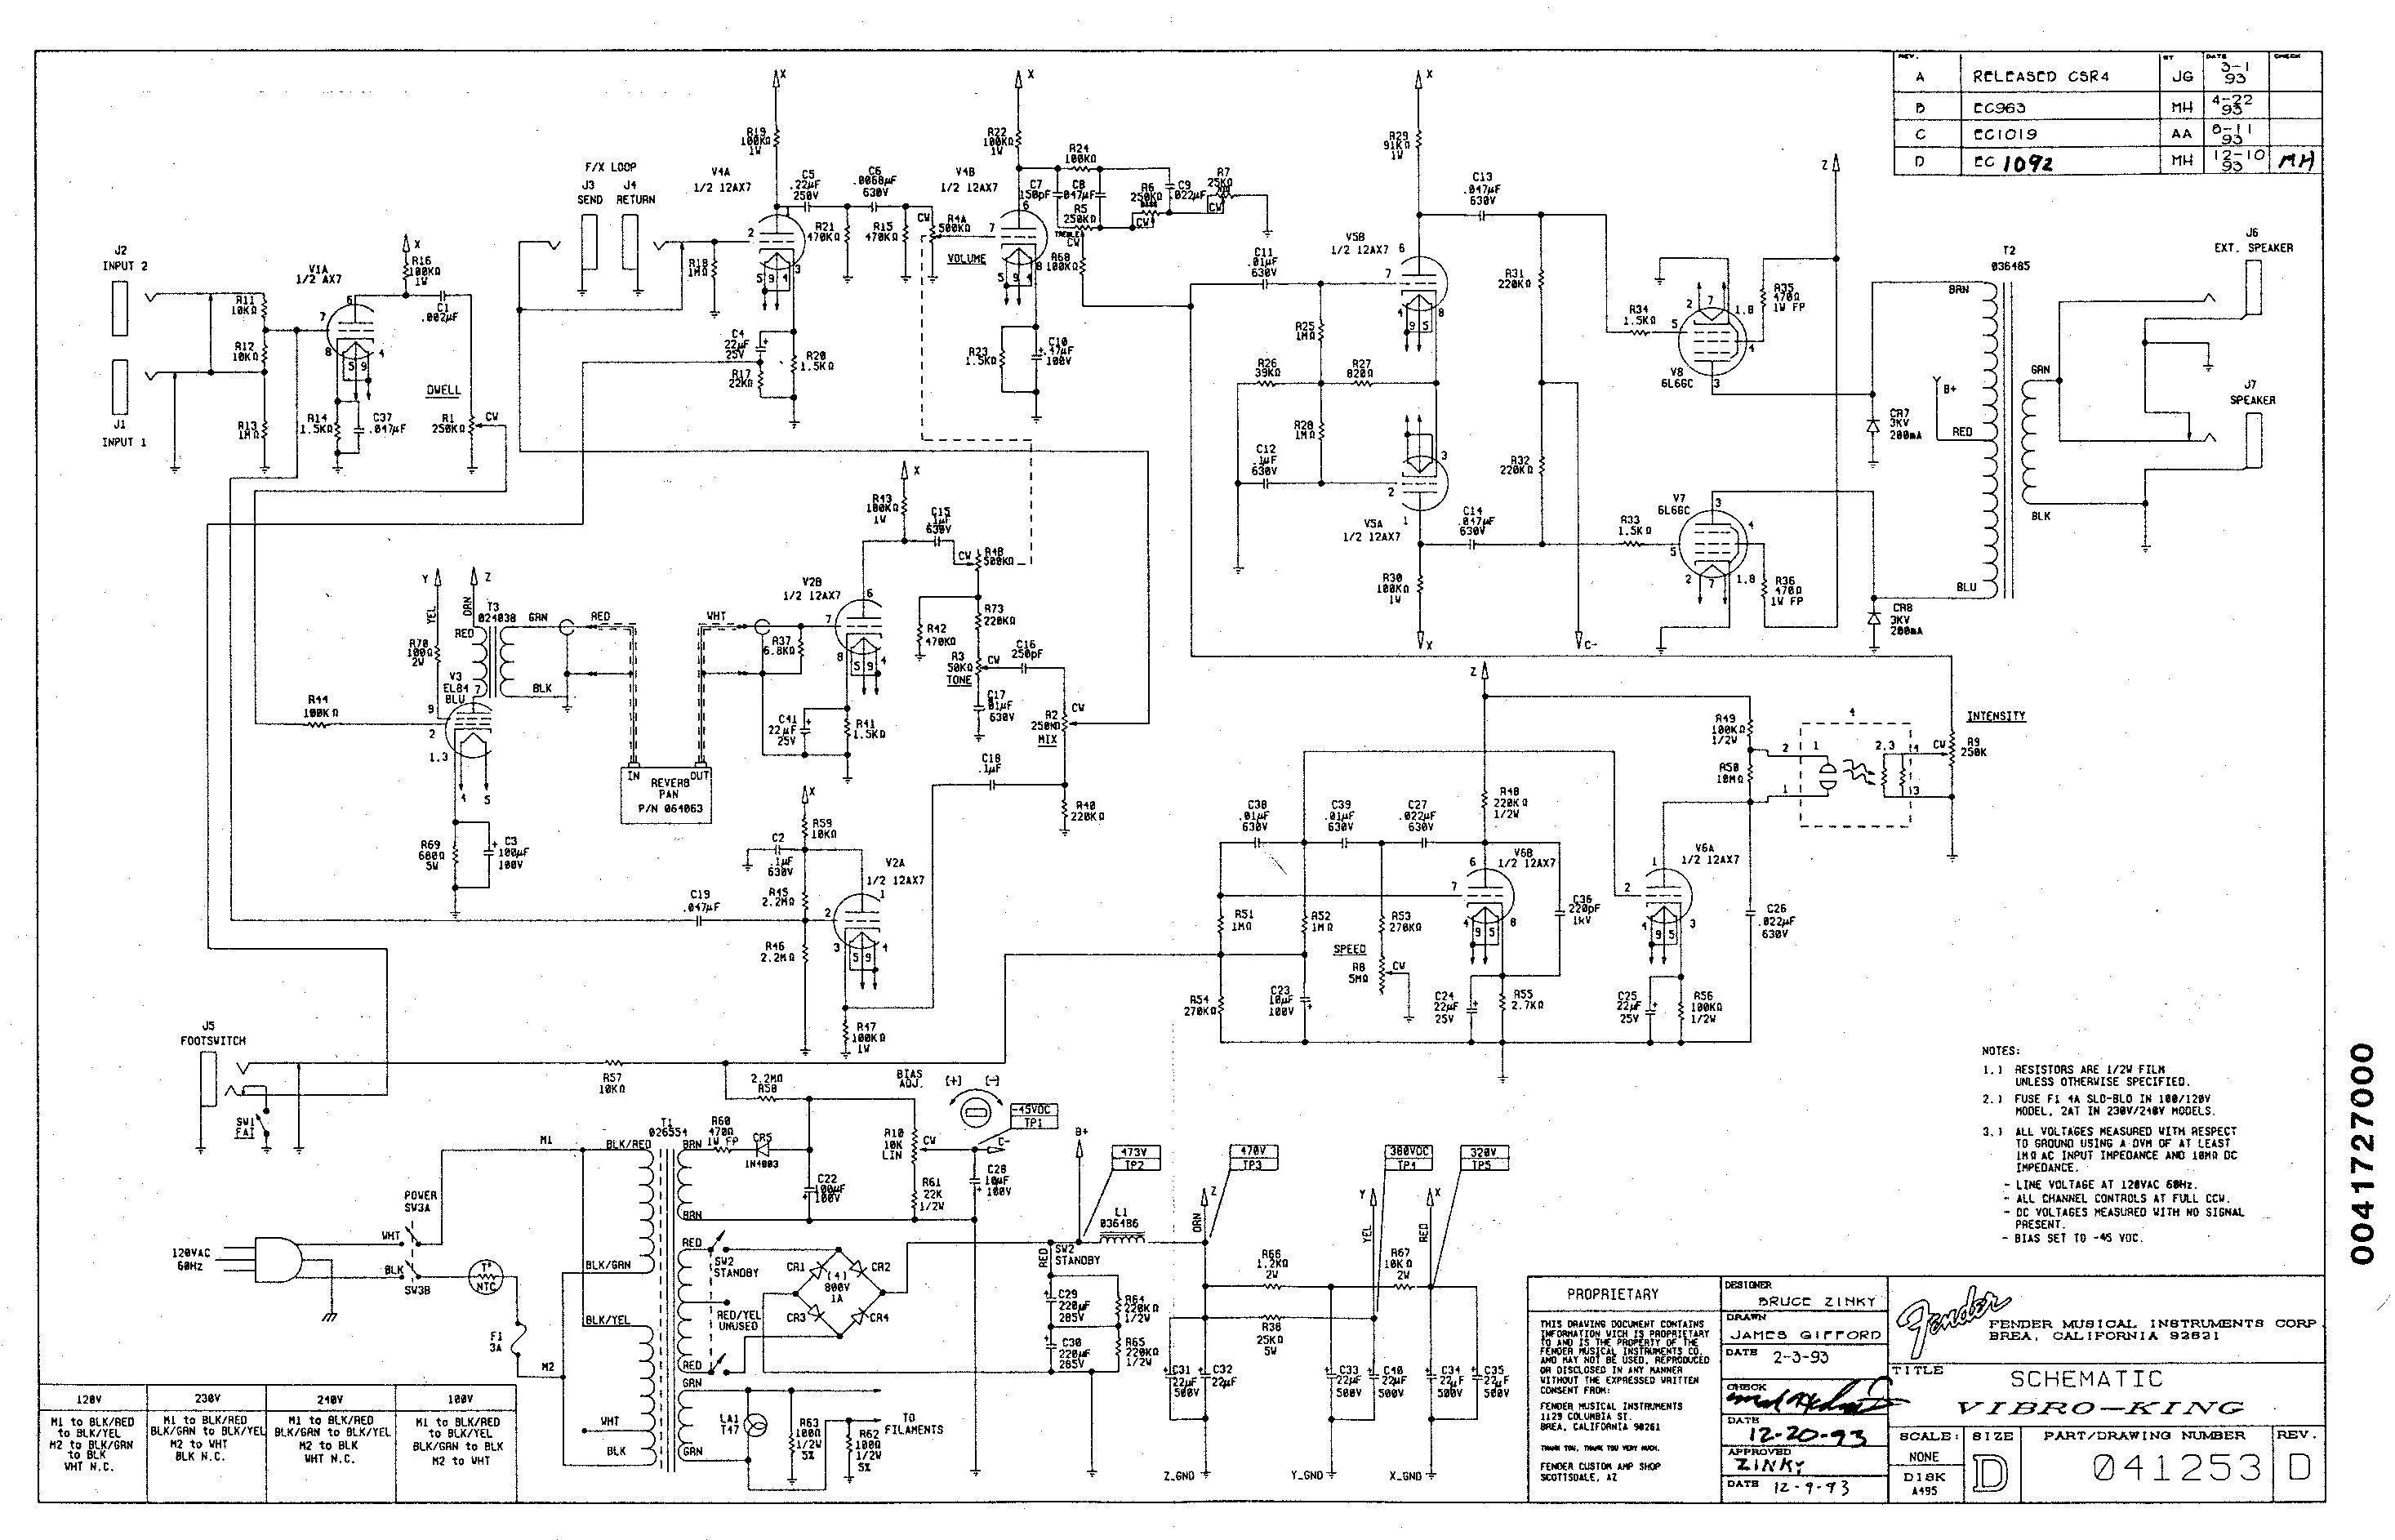 Unique Albatross Guitar Wiring Diagram #diagram #diagramsample  #diagramtemplate #wiringdiagram #diagramchart #work… (With images)   Diagram,  Diagram chart, House wiringPinterest